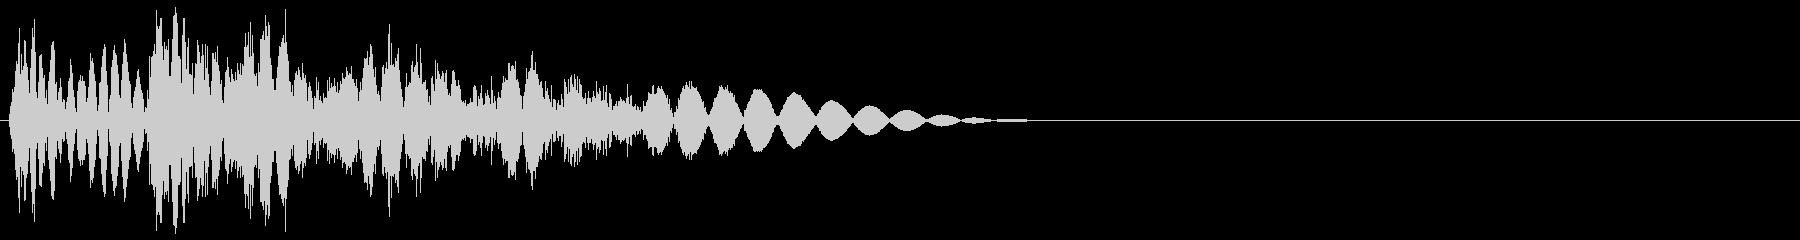 ズビシッ(パンチ・攻撃音・打撃音)の未再生の波形